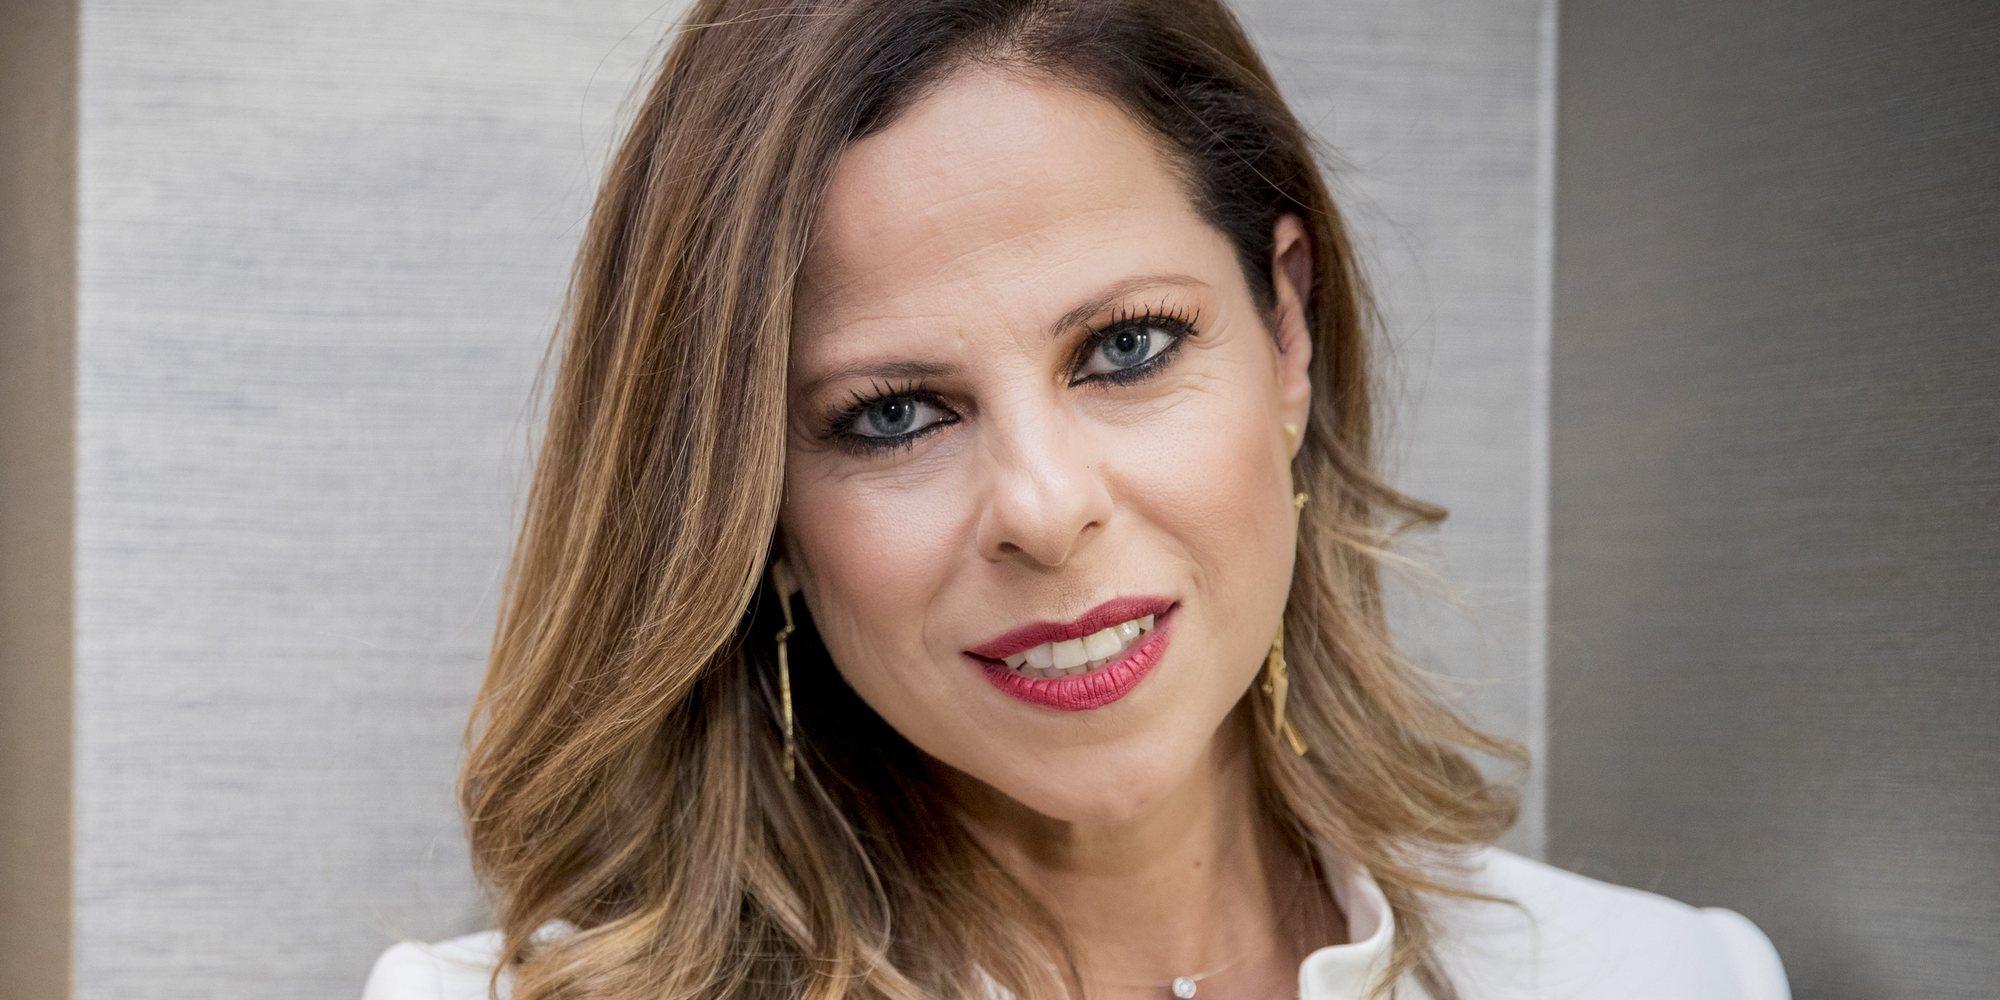 Pastora Soler desvela el sexo del bebé que está esperado